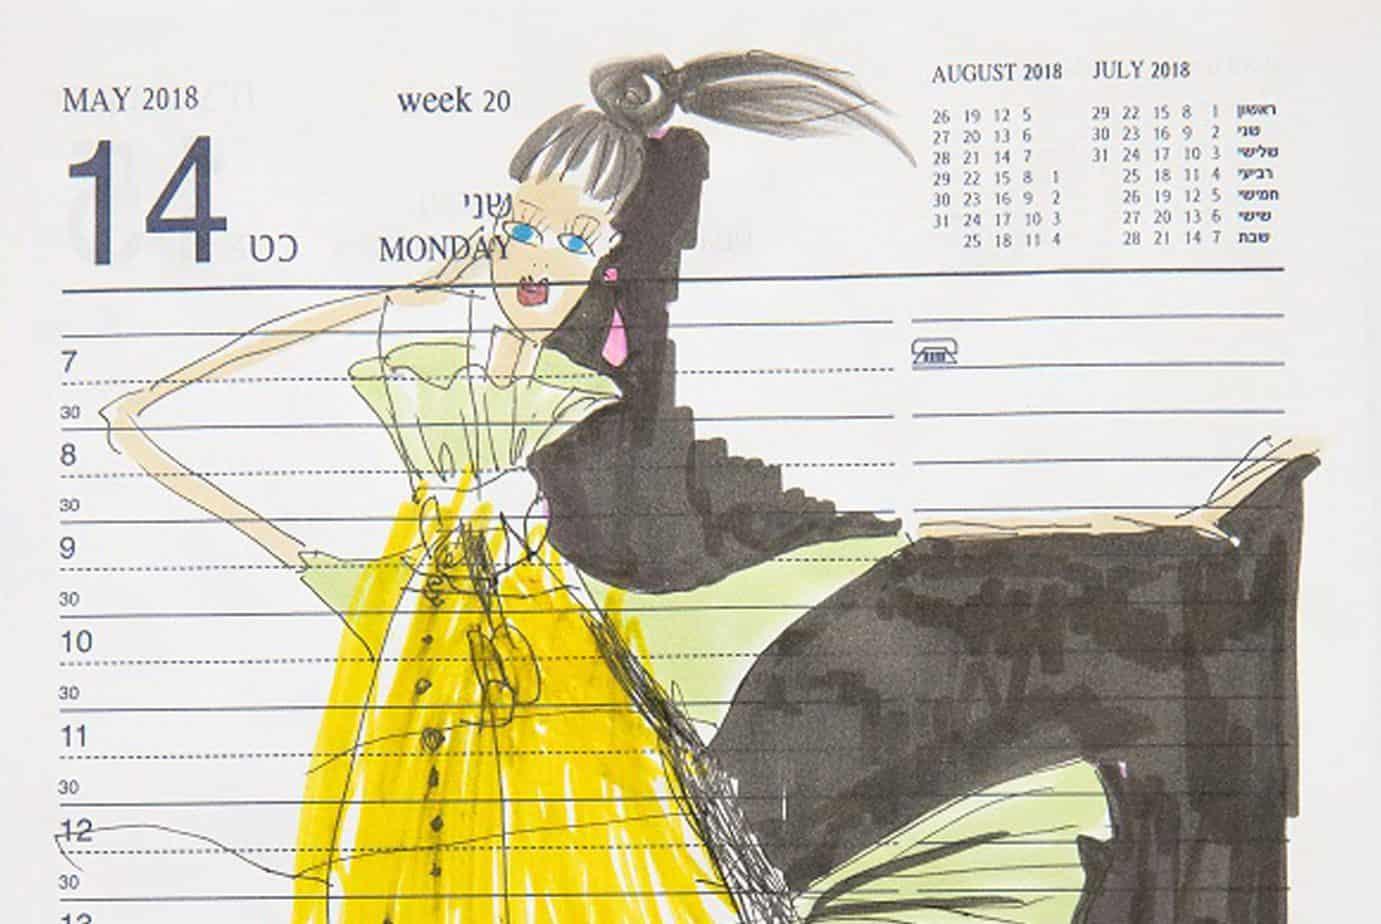 איורי אופנה מימי זיו. תערוכת איור אופנה -אוצרת: לאה פרץ, צילום רני יחזקאל (3)1